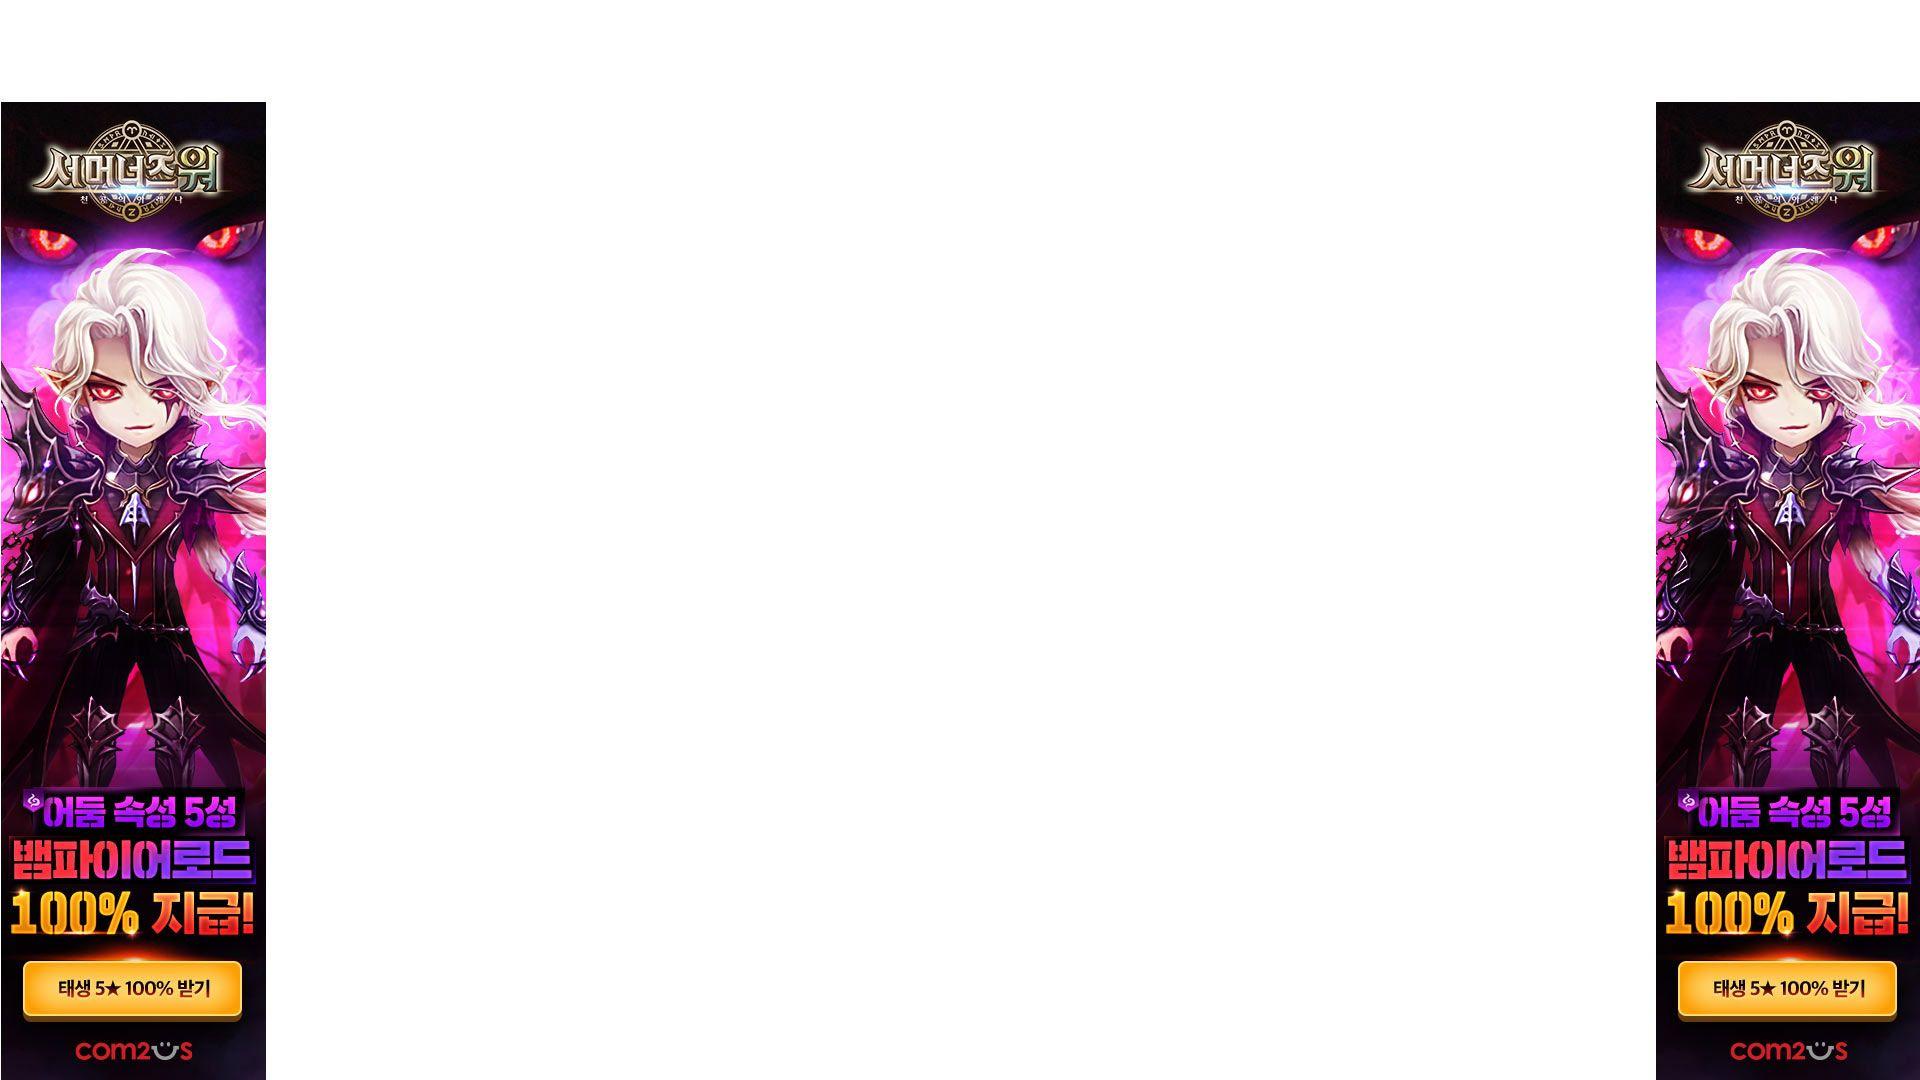 完成 Pg Gn 0000 00 Gundam 더블오 건담 프라모델 캐릭터모형 갤러리 루리웹 건담 배너 갤러리